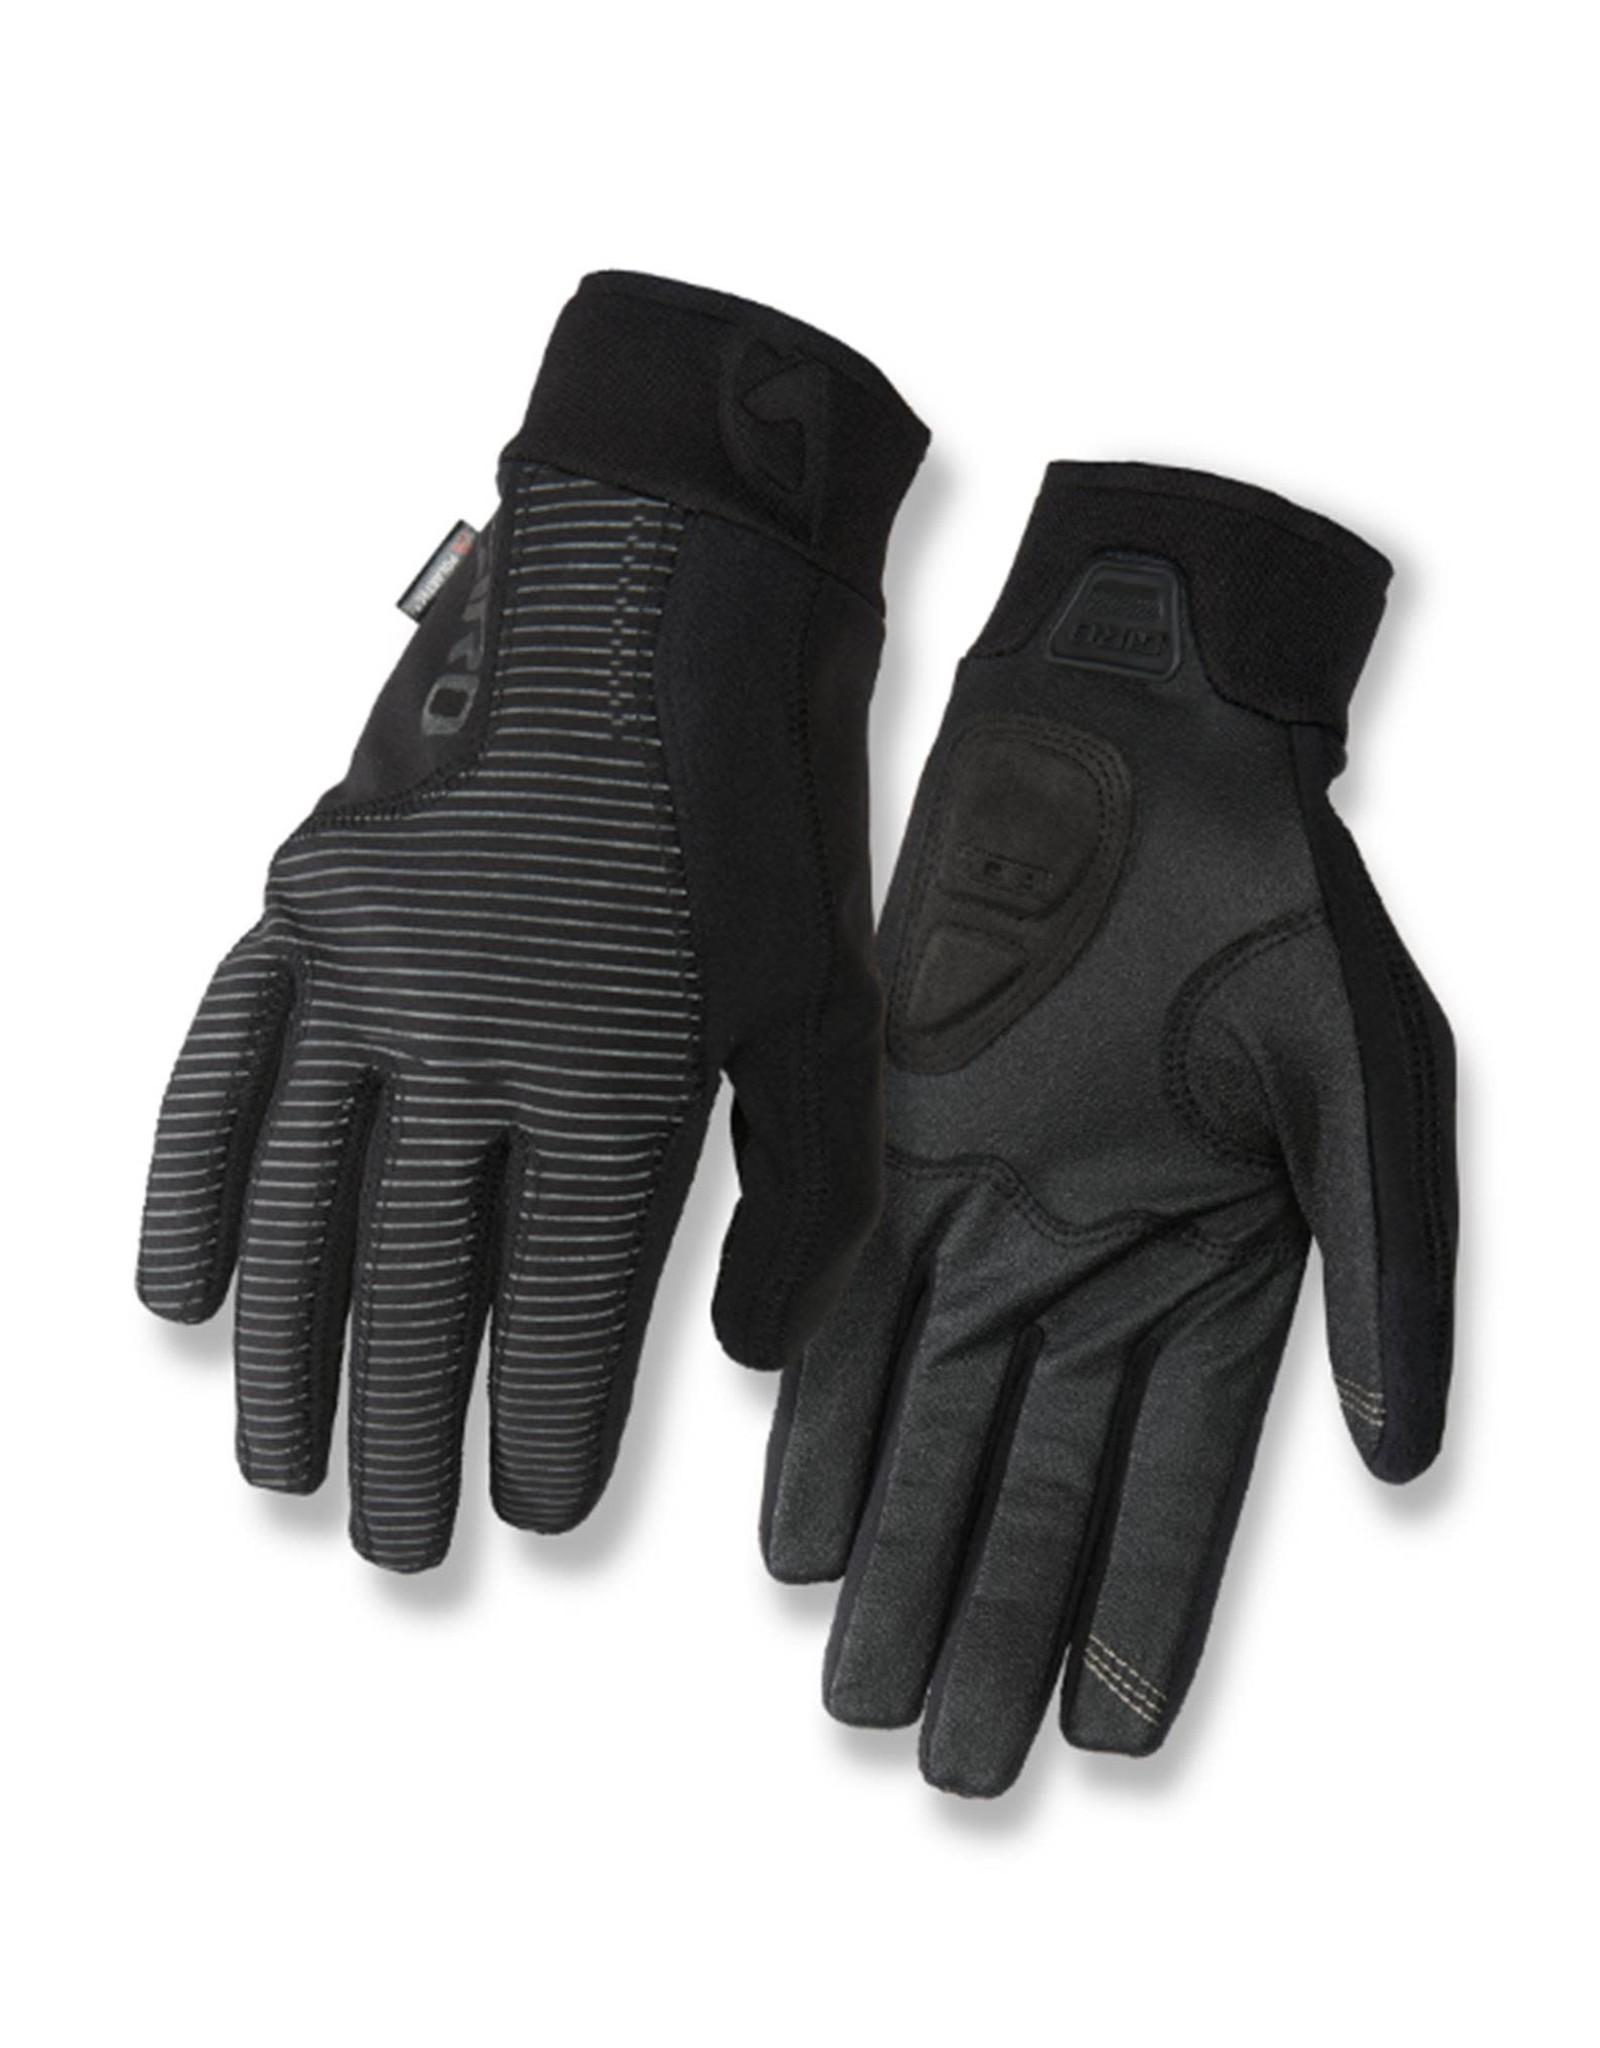 Giro Blaze 2.0 Winter Glove